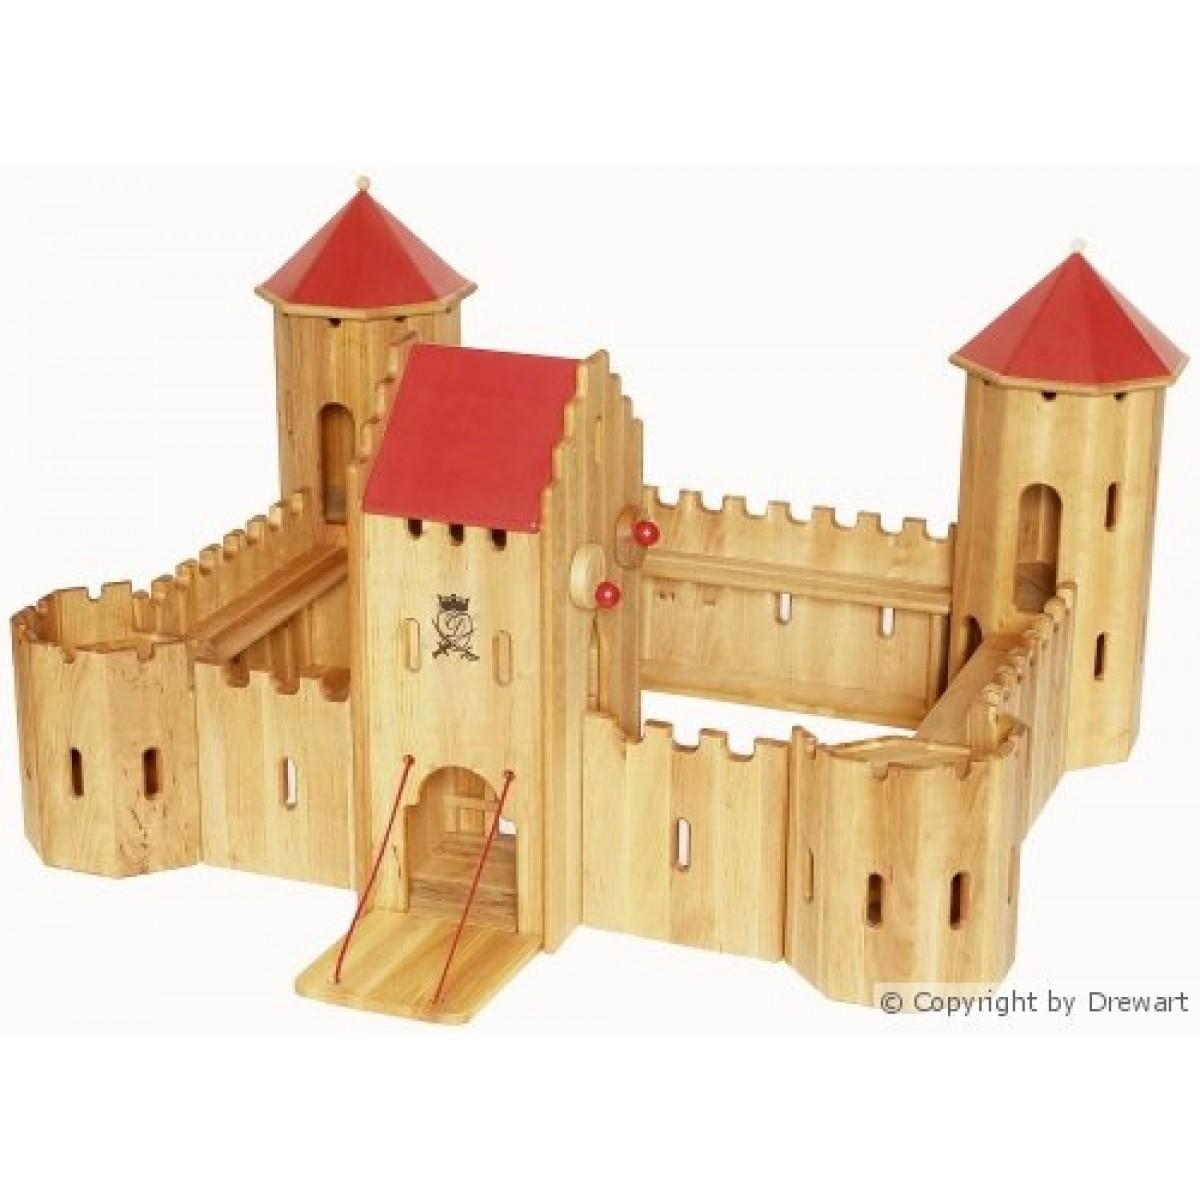 Drewart kastell maxi hier beim holzspielzeug profi for Holzspielzeug profi